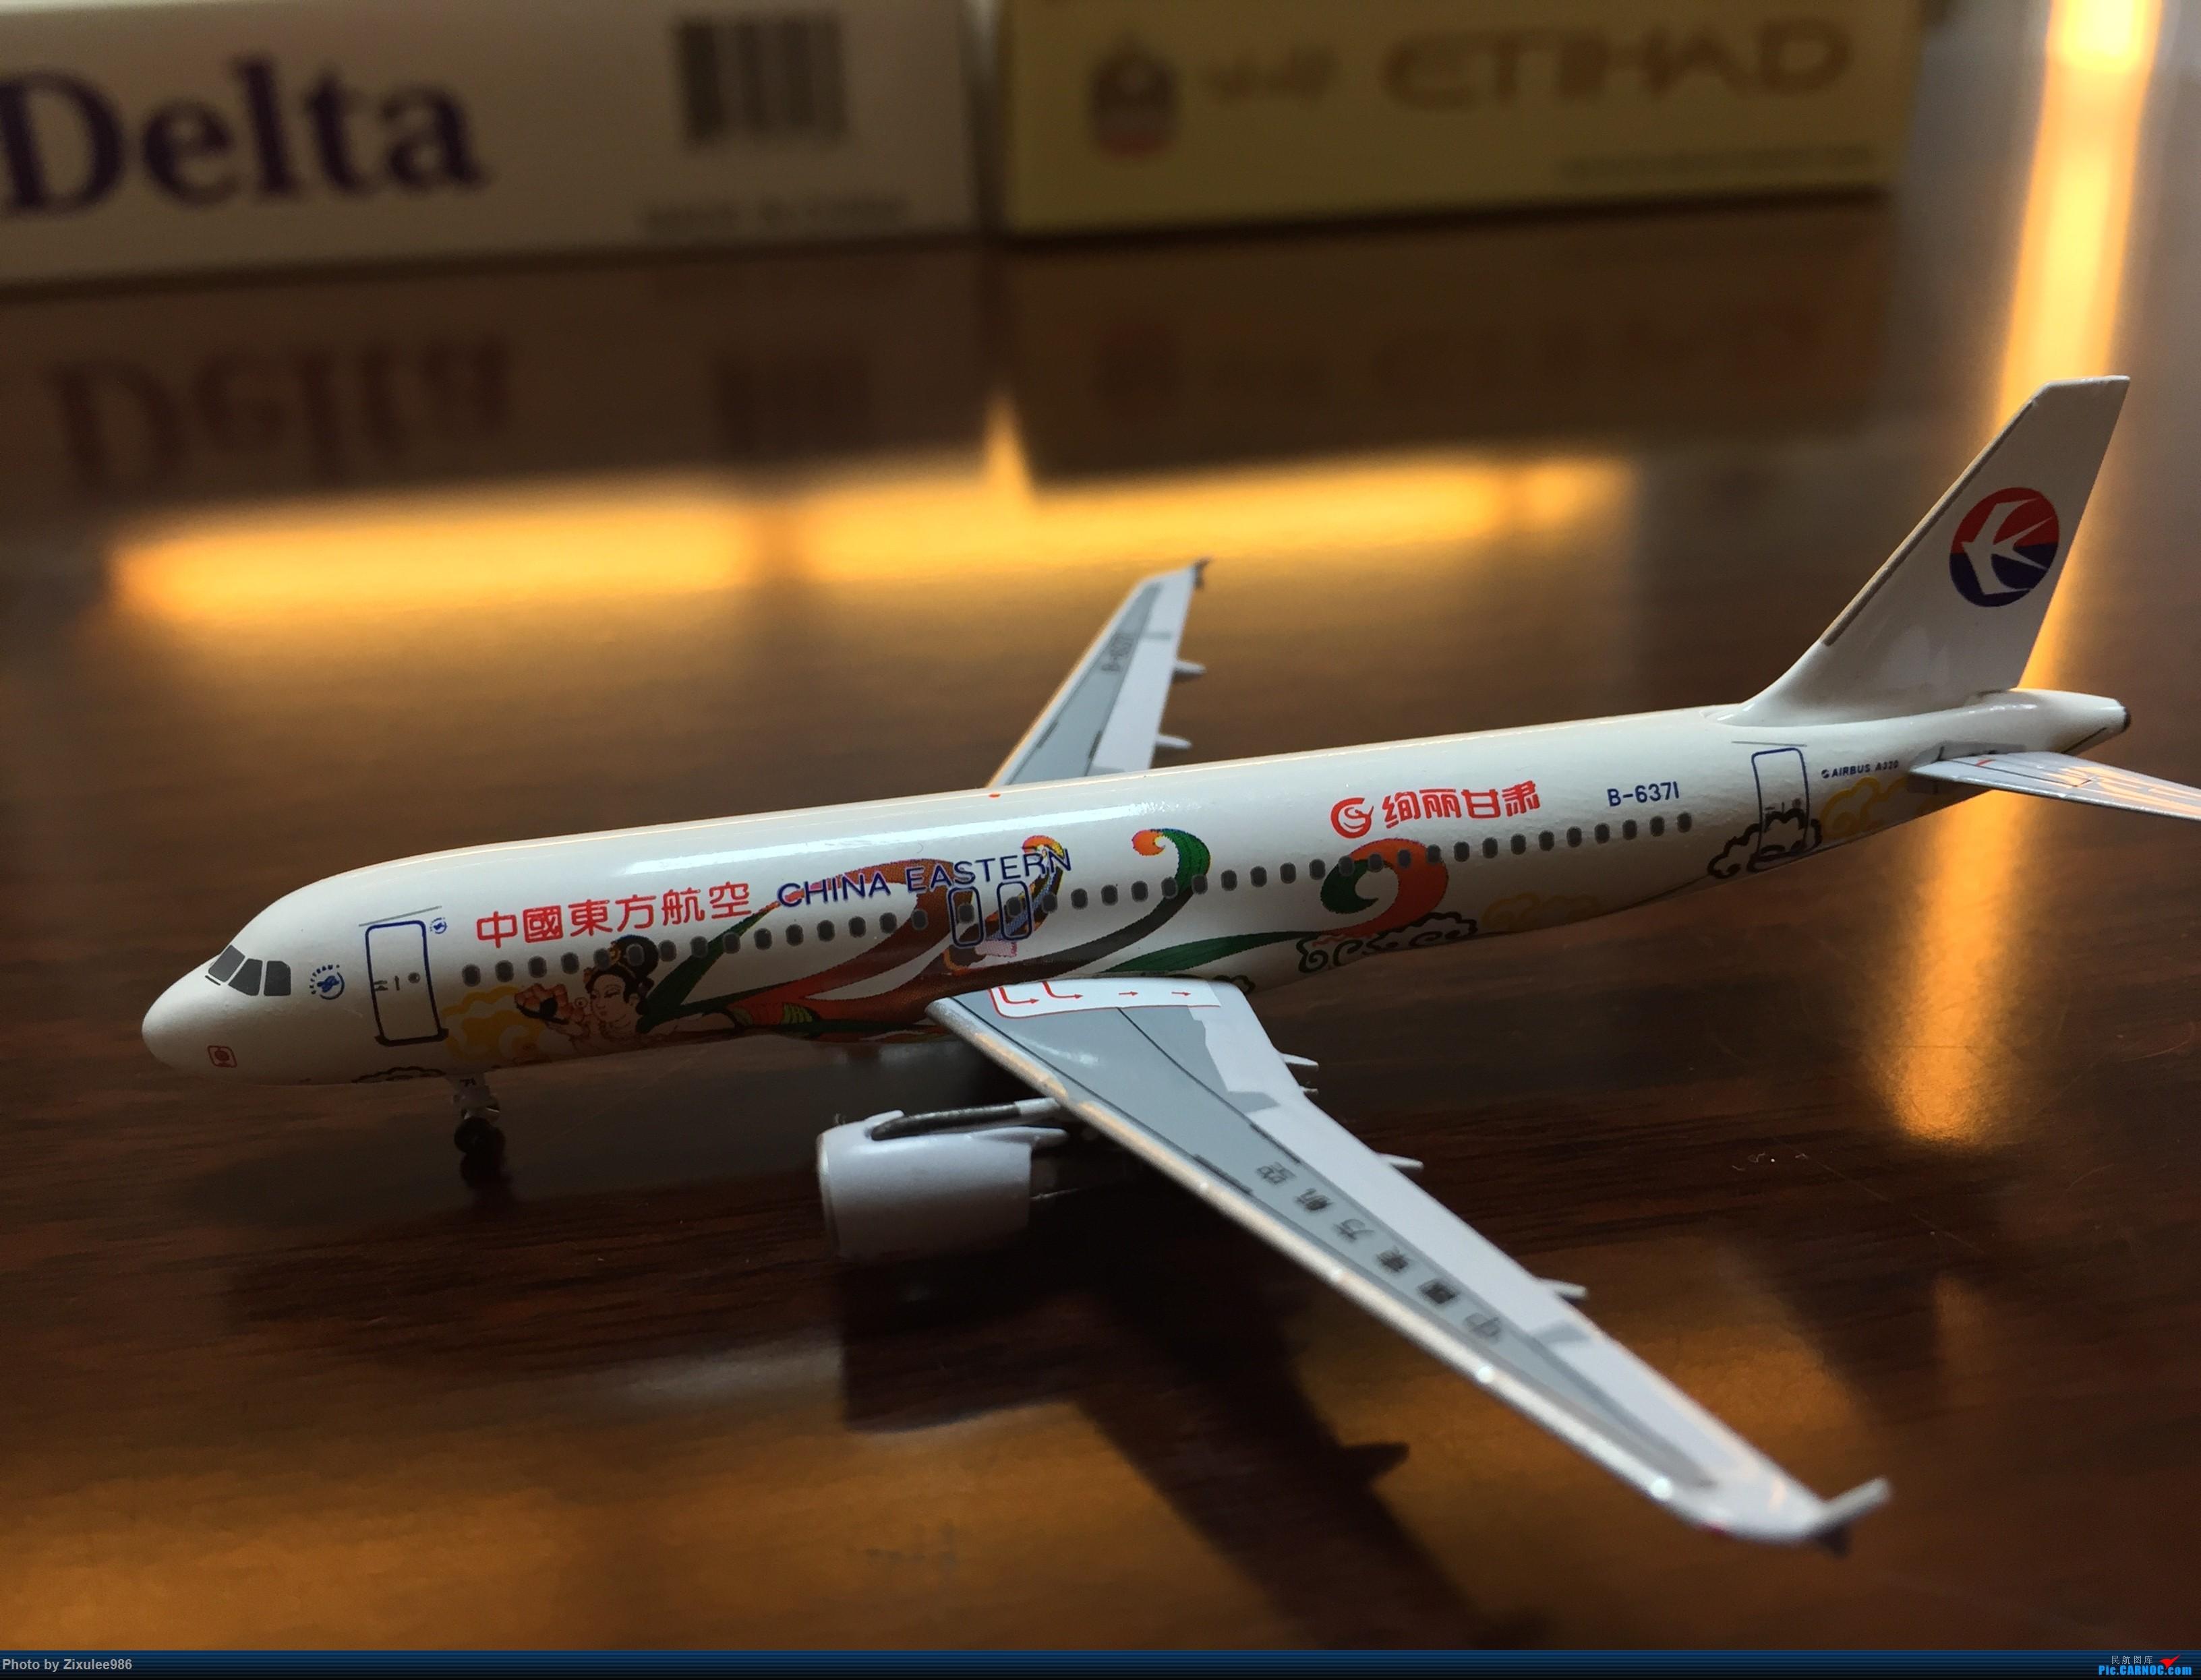 Re:[原创]【NKG】生日也要拍飞机,珍惜南京久违的单跑运行时光 AIRBUS A320-200 B-6371